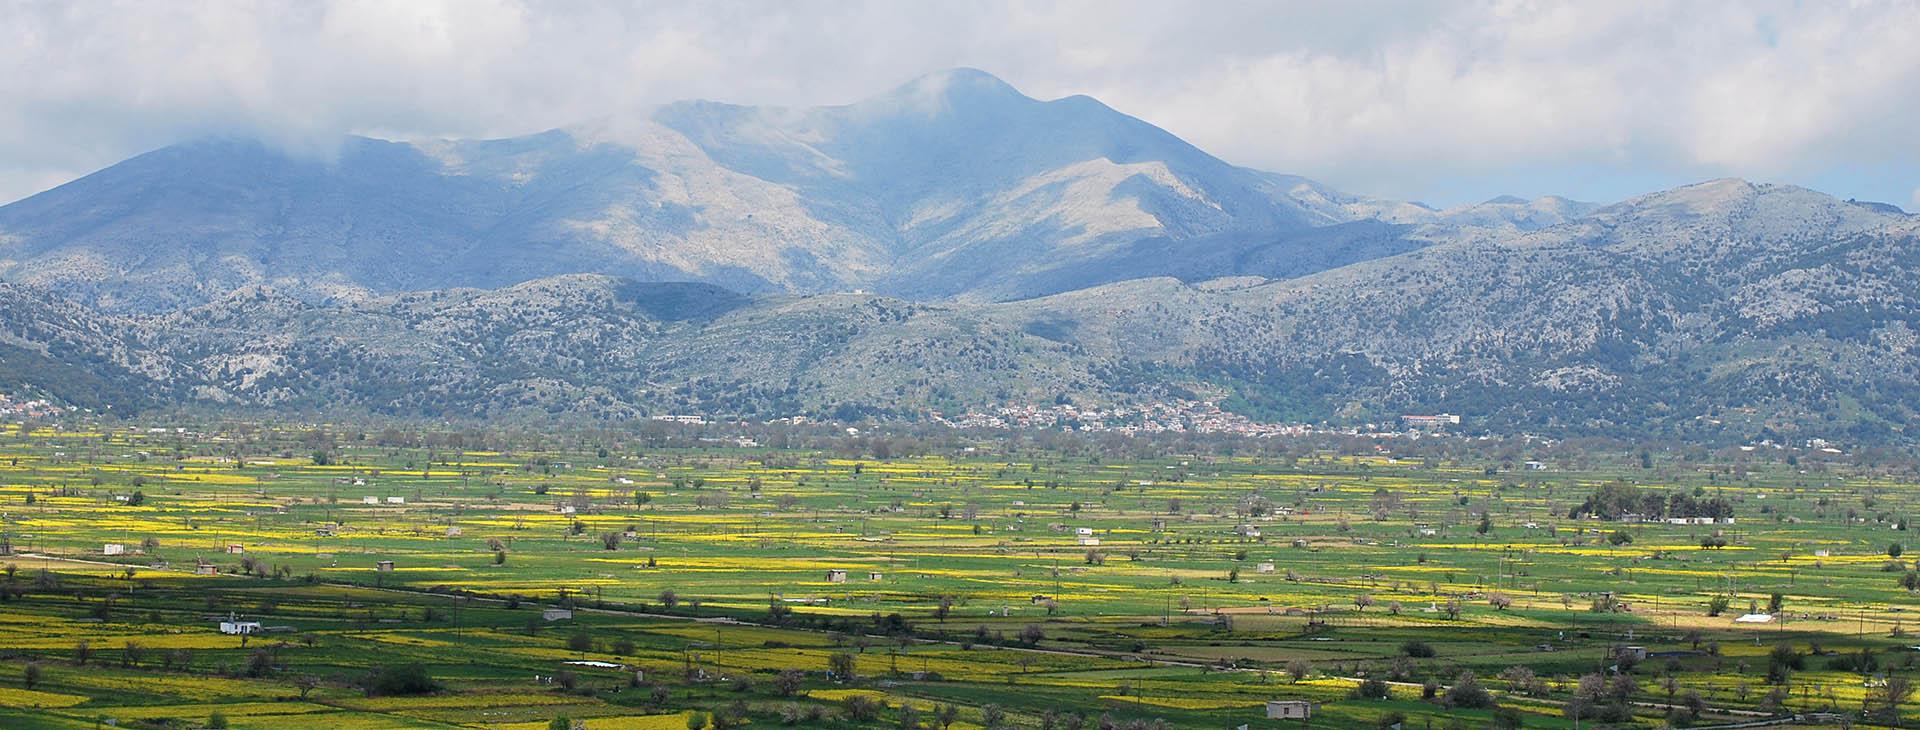 Lasithi Plateau, Lassithi